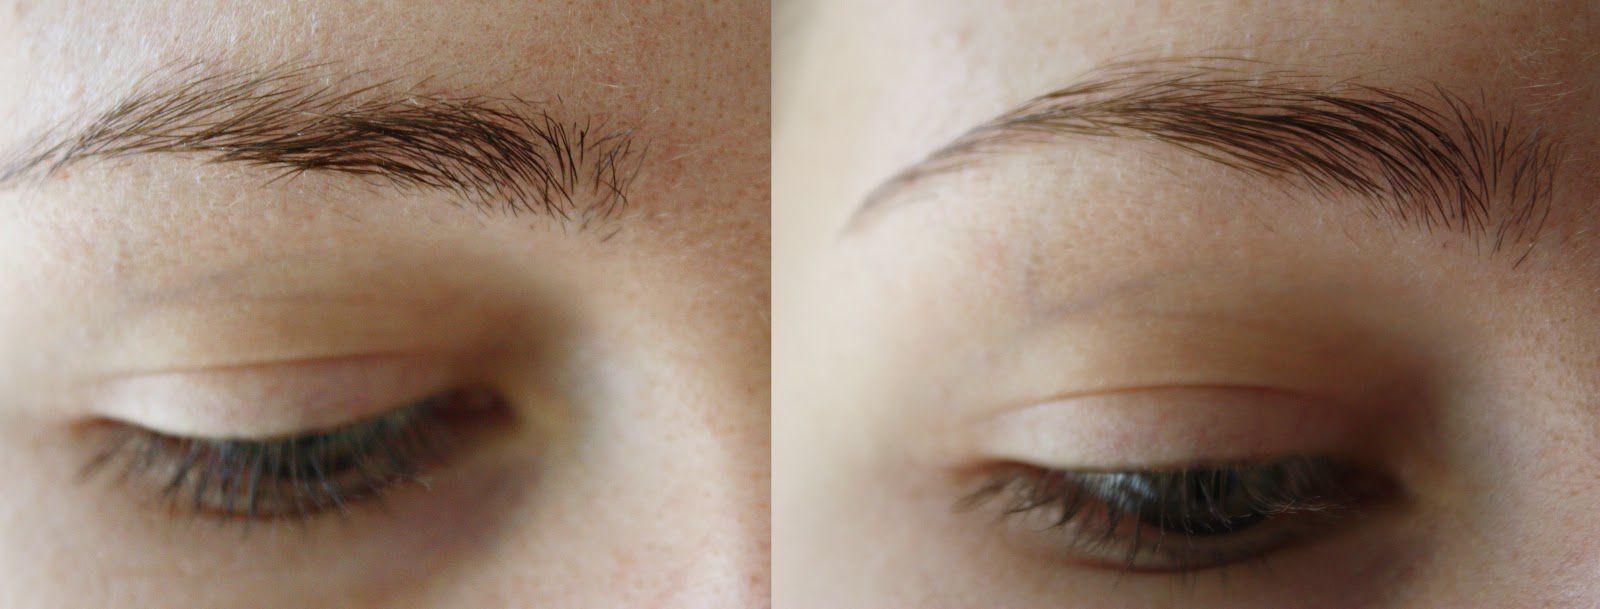 Укладка бровей гелем, фото до и после